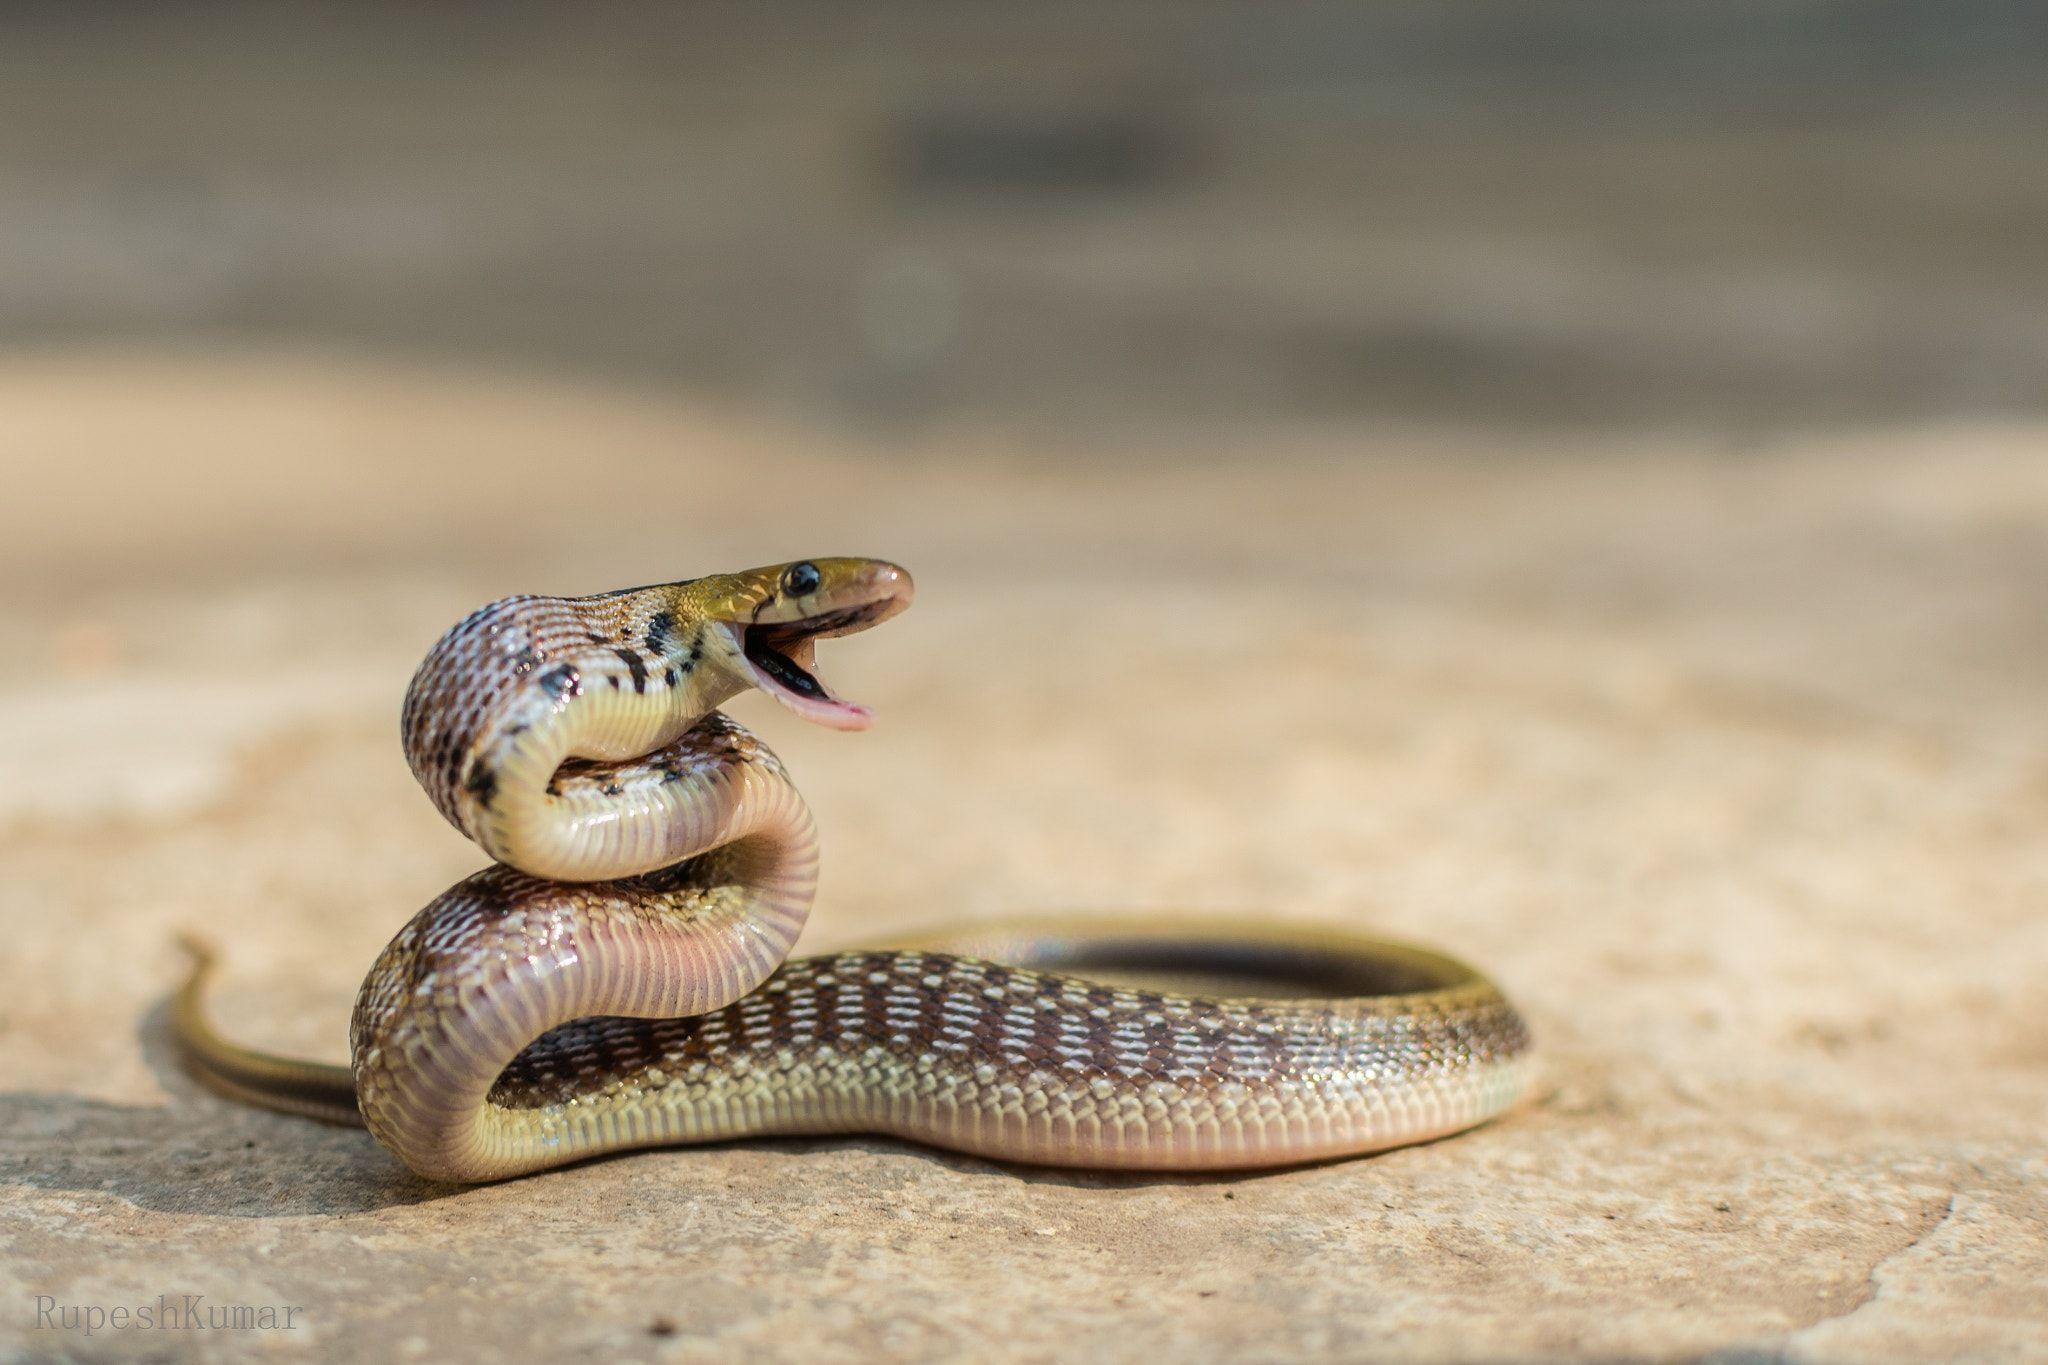 Trinket Snake Coelognathus Helena Trinket Snake Coelognathus